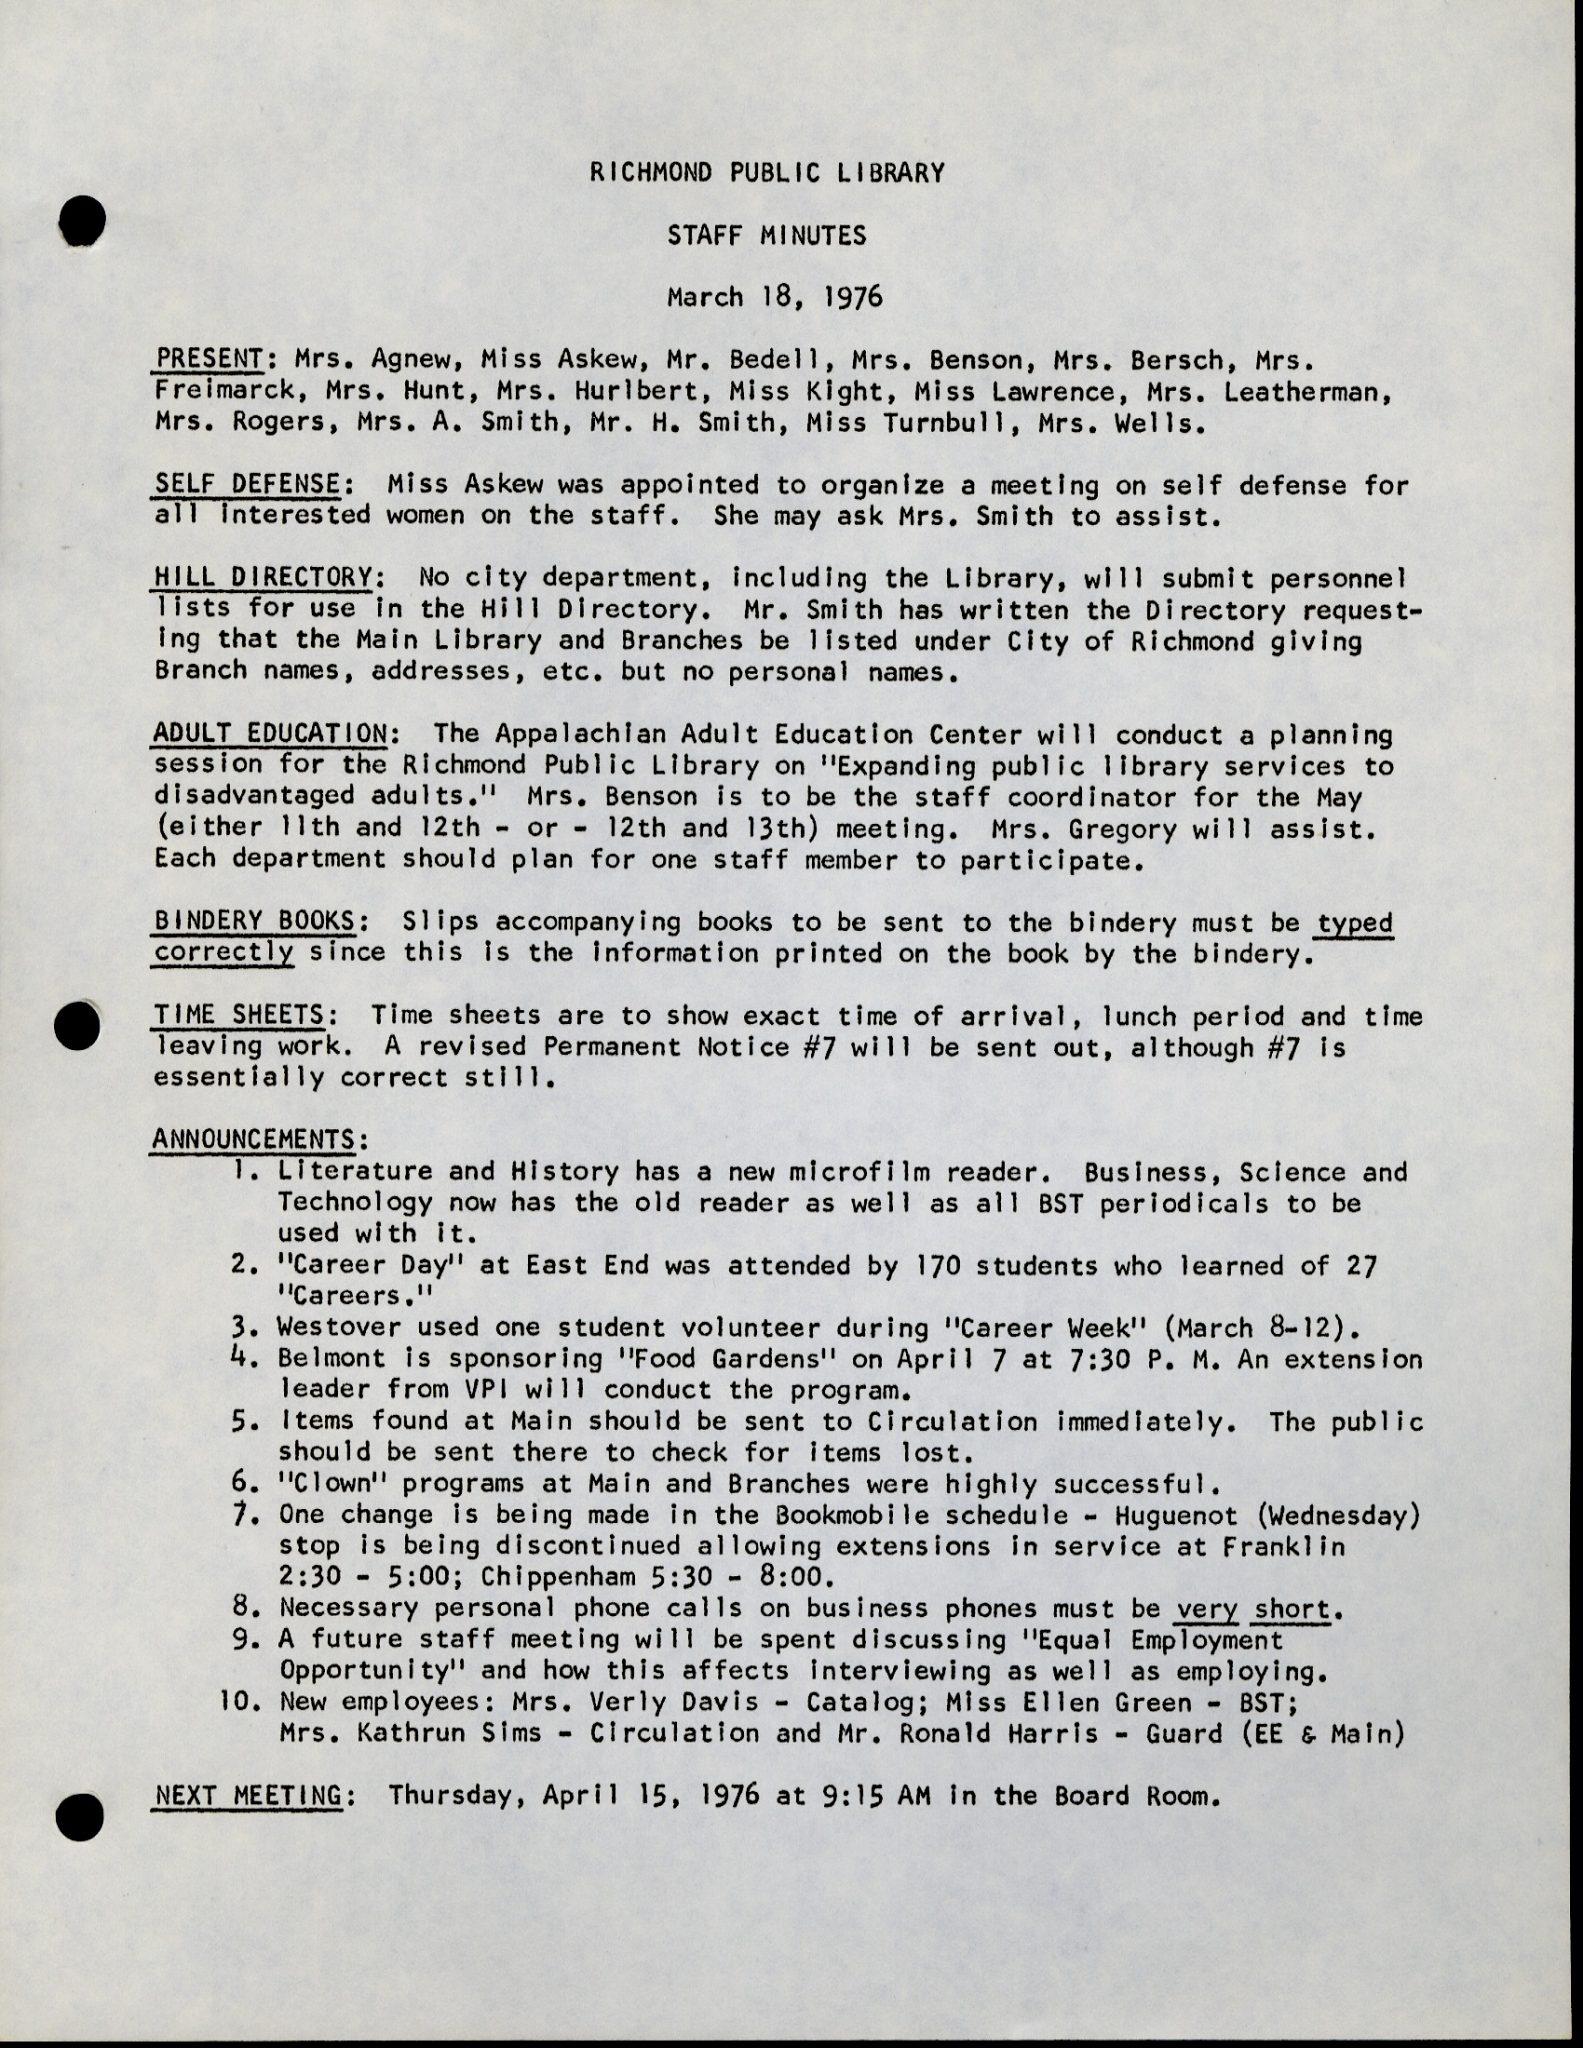 RPL Staff Minutes